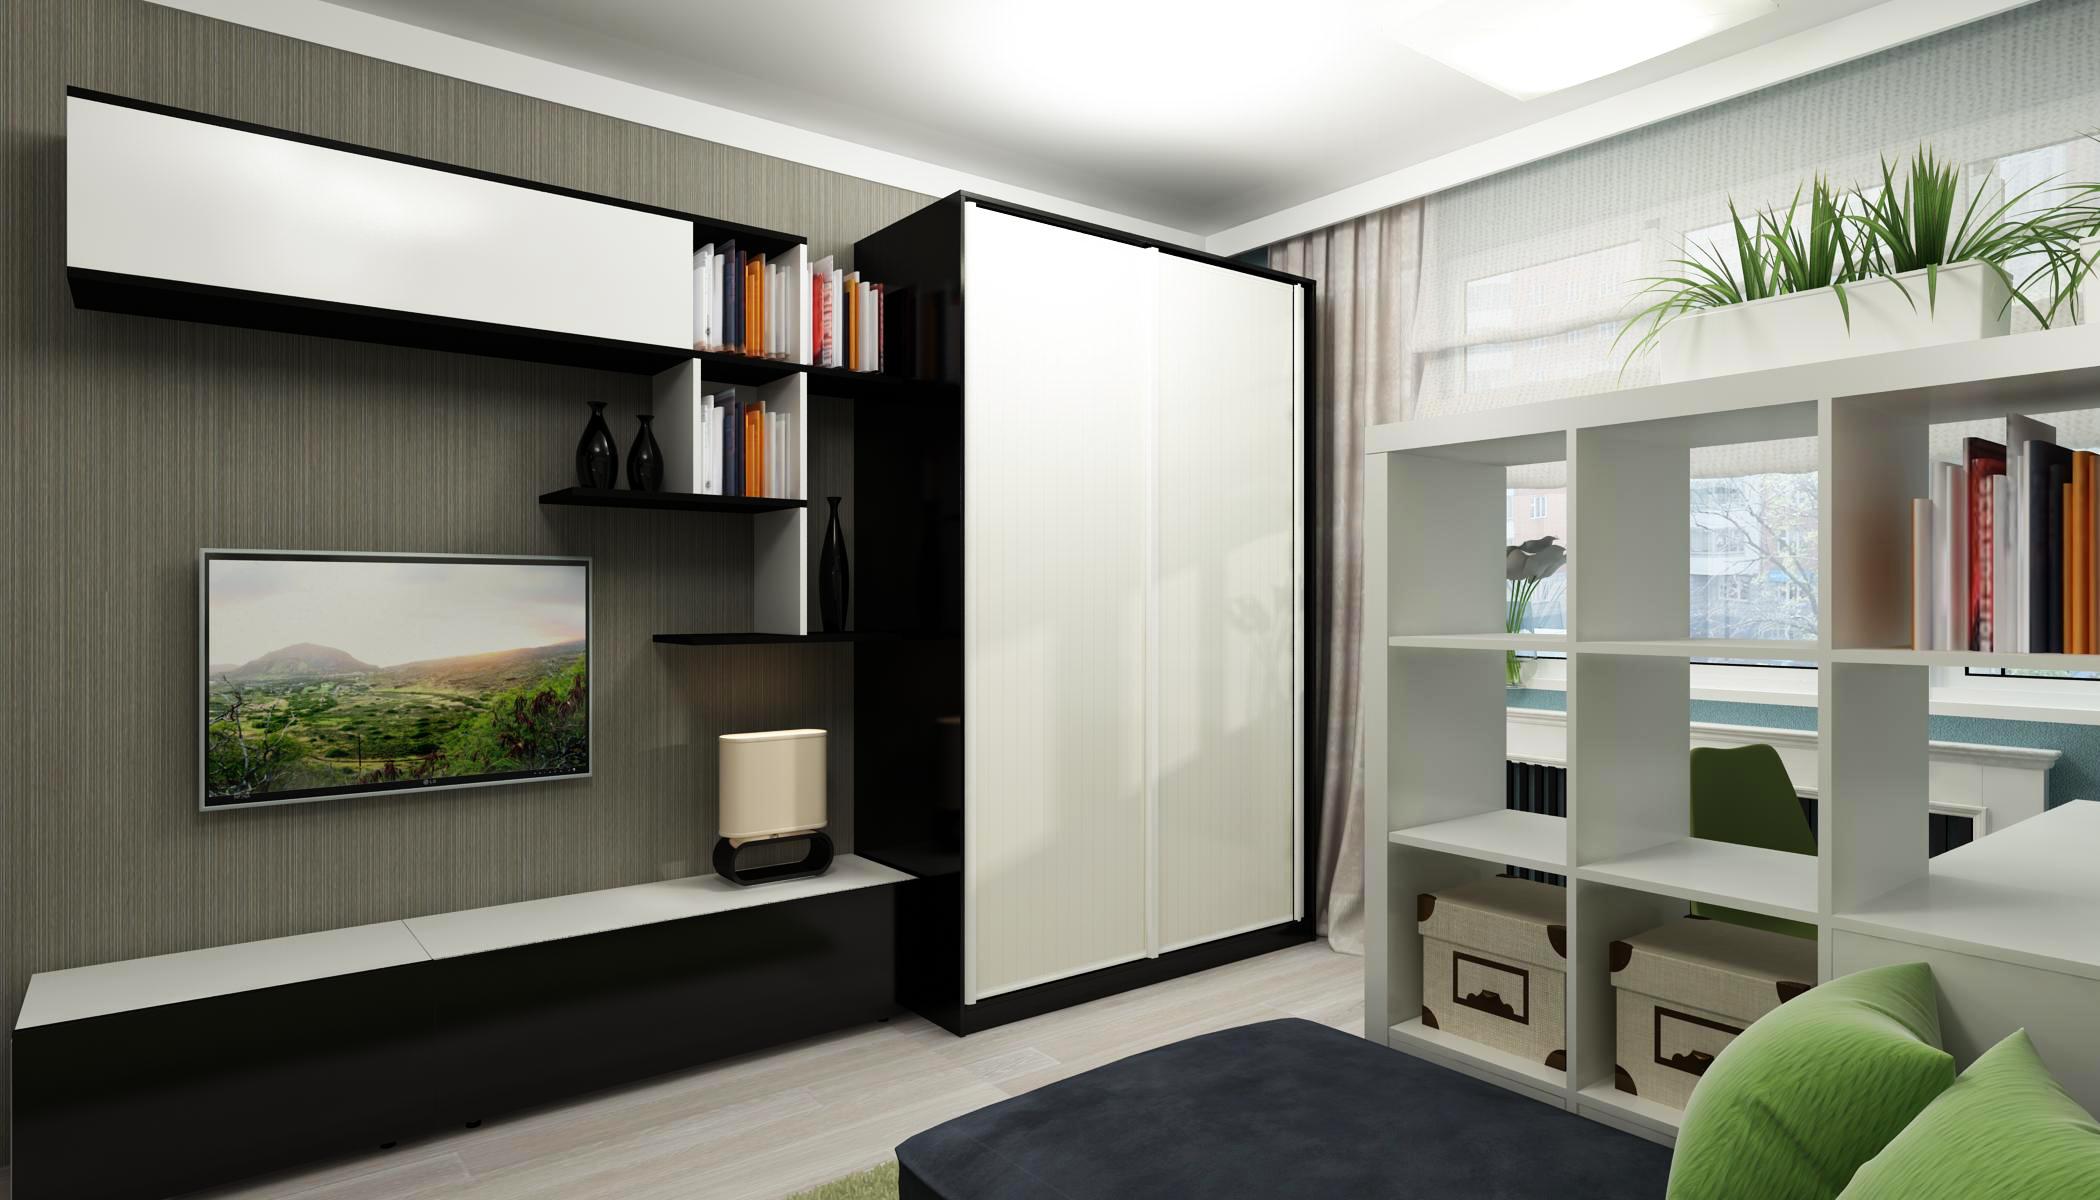 фото шкаф для гостиной